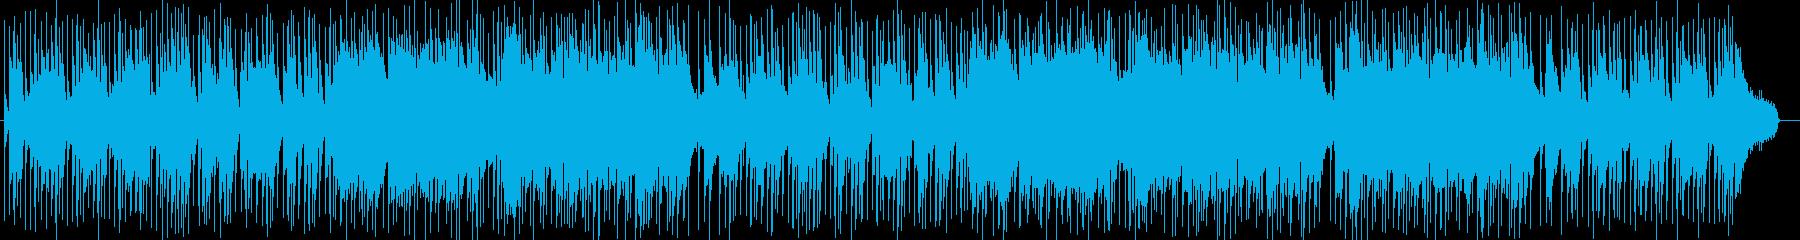 明るく爽やかなメロディーのロックの再生済みの波形